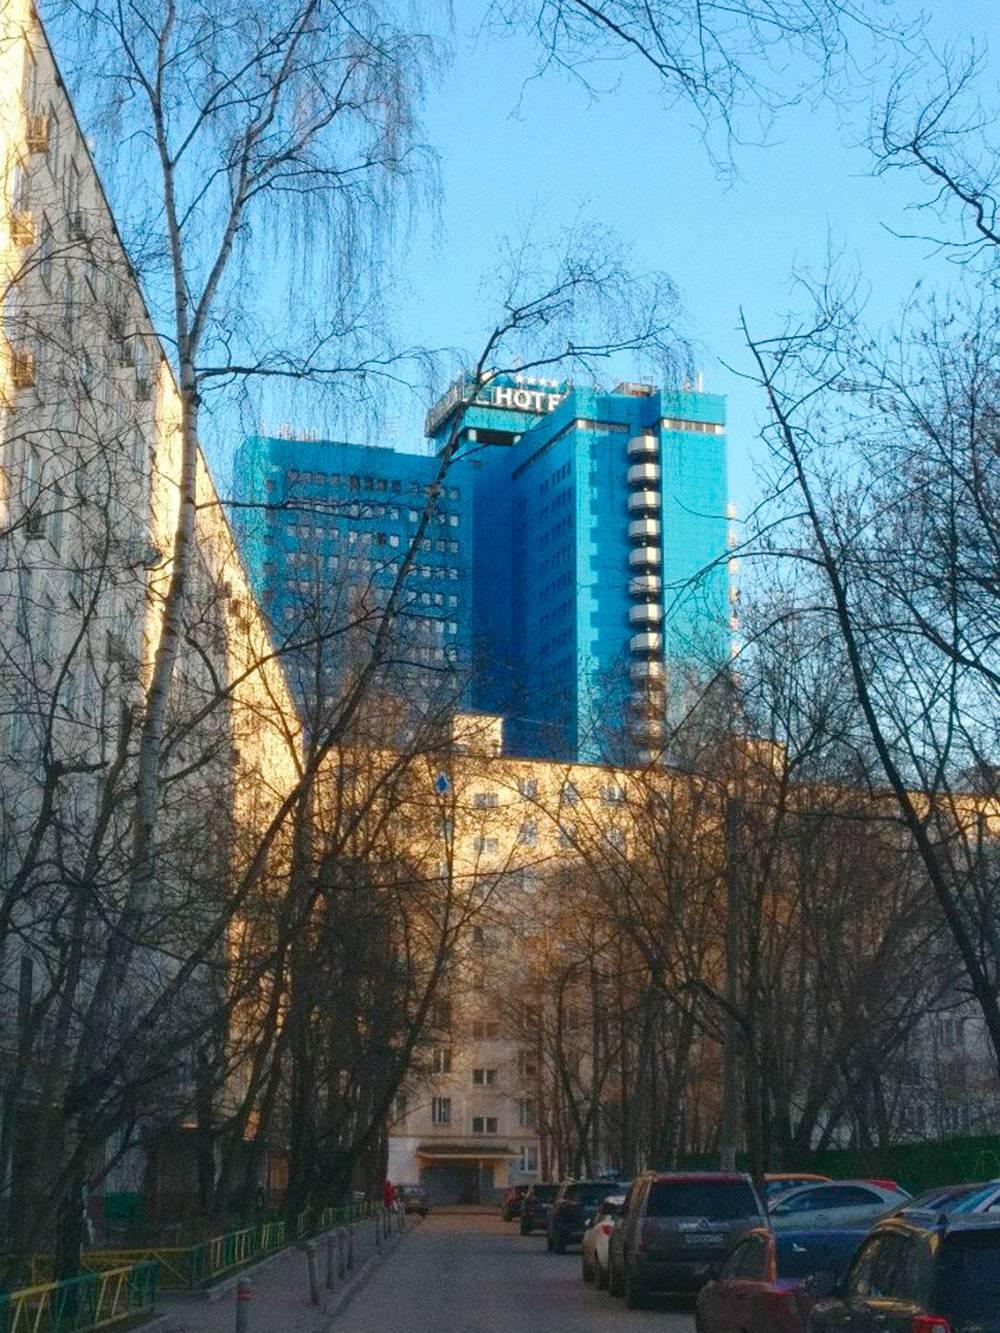 Вид в моем дворе. В синей гостинице находится крупнейшая киберспортивная арена в России Yota Arena. Когда переезжал, думал, что буду время от времени заглядывать на турниры, но так и не дошел ни разу